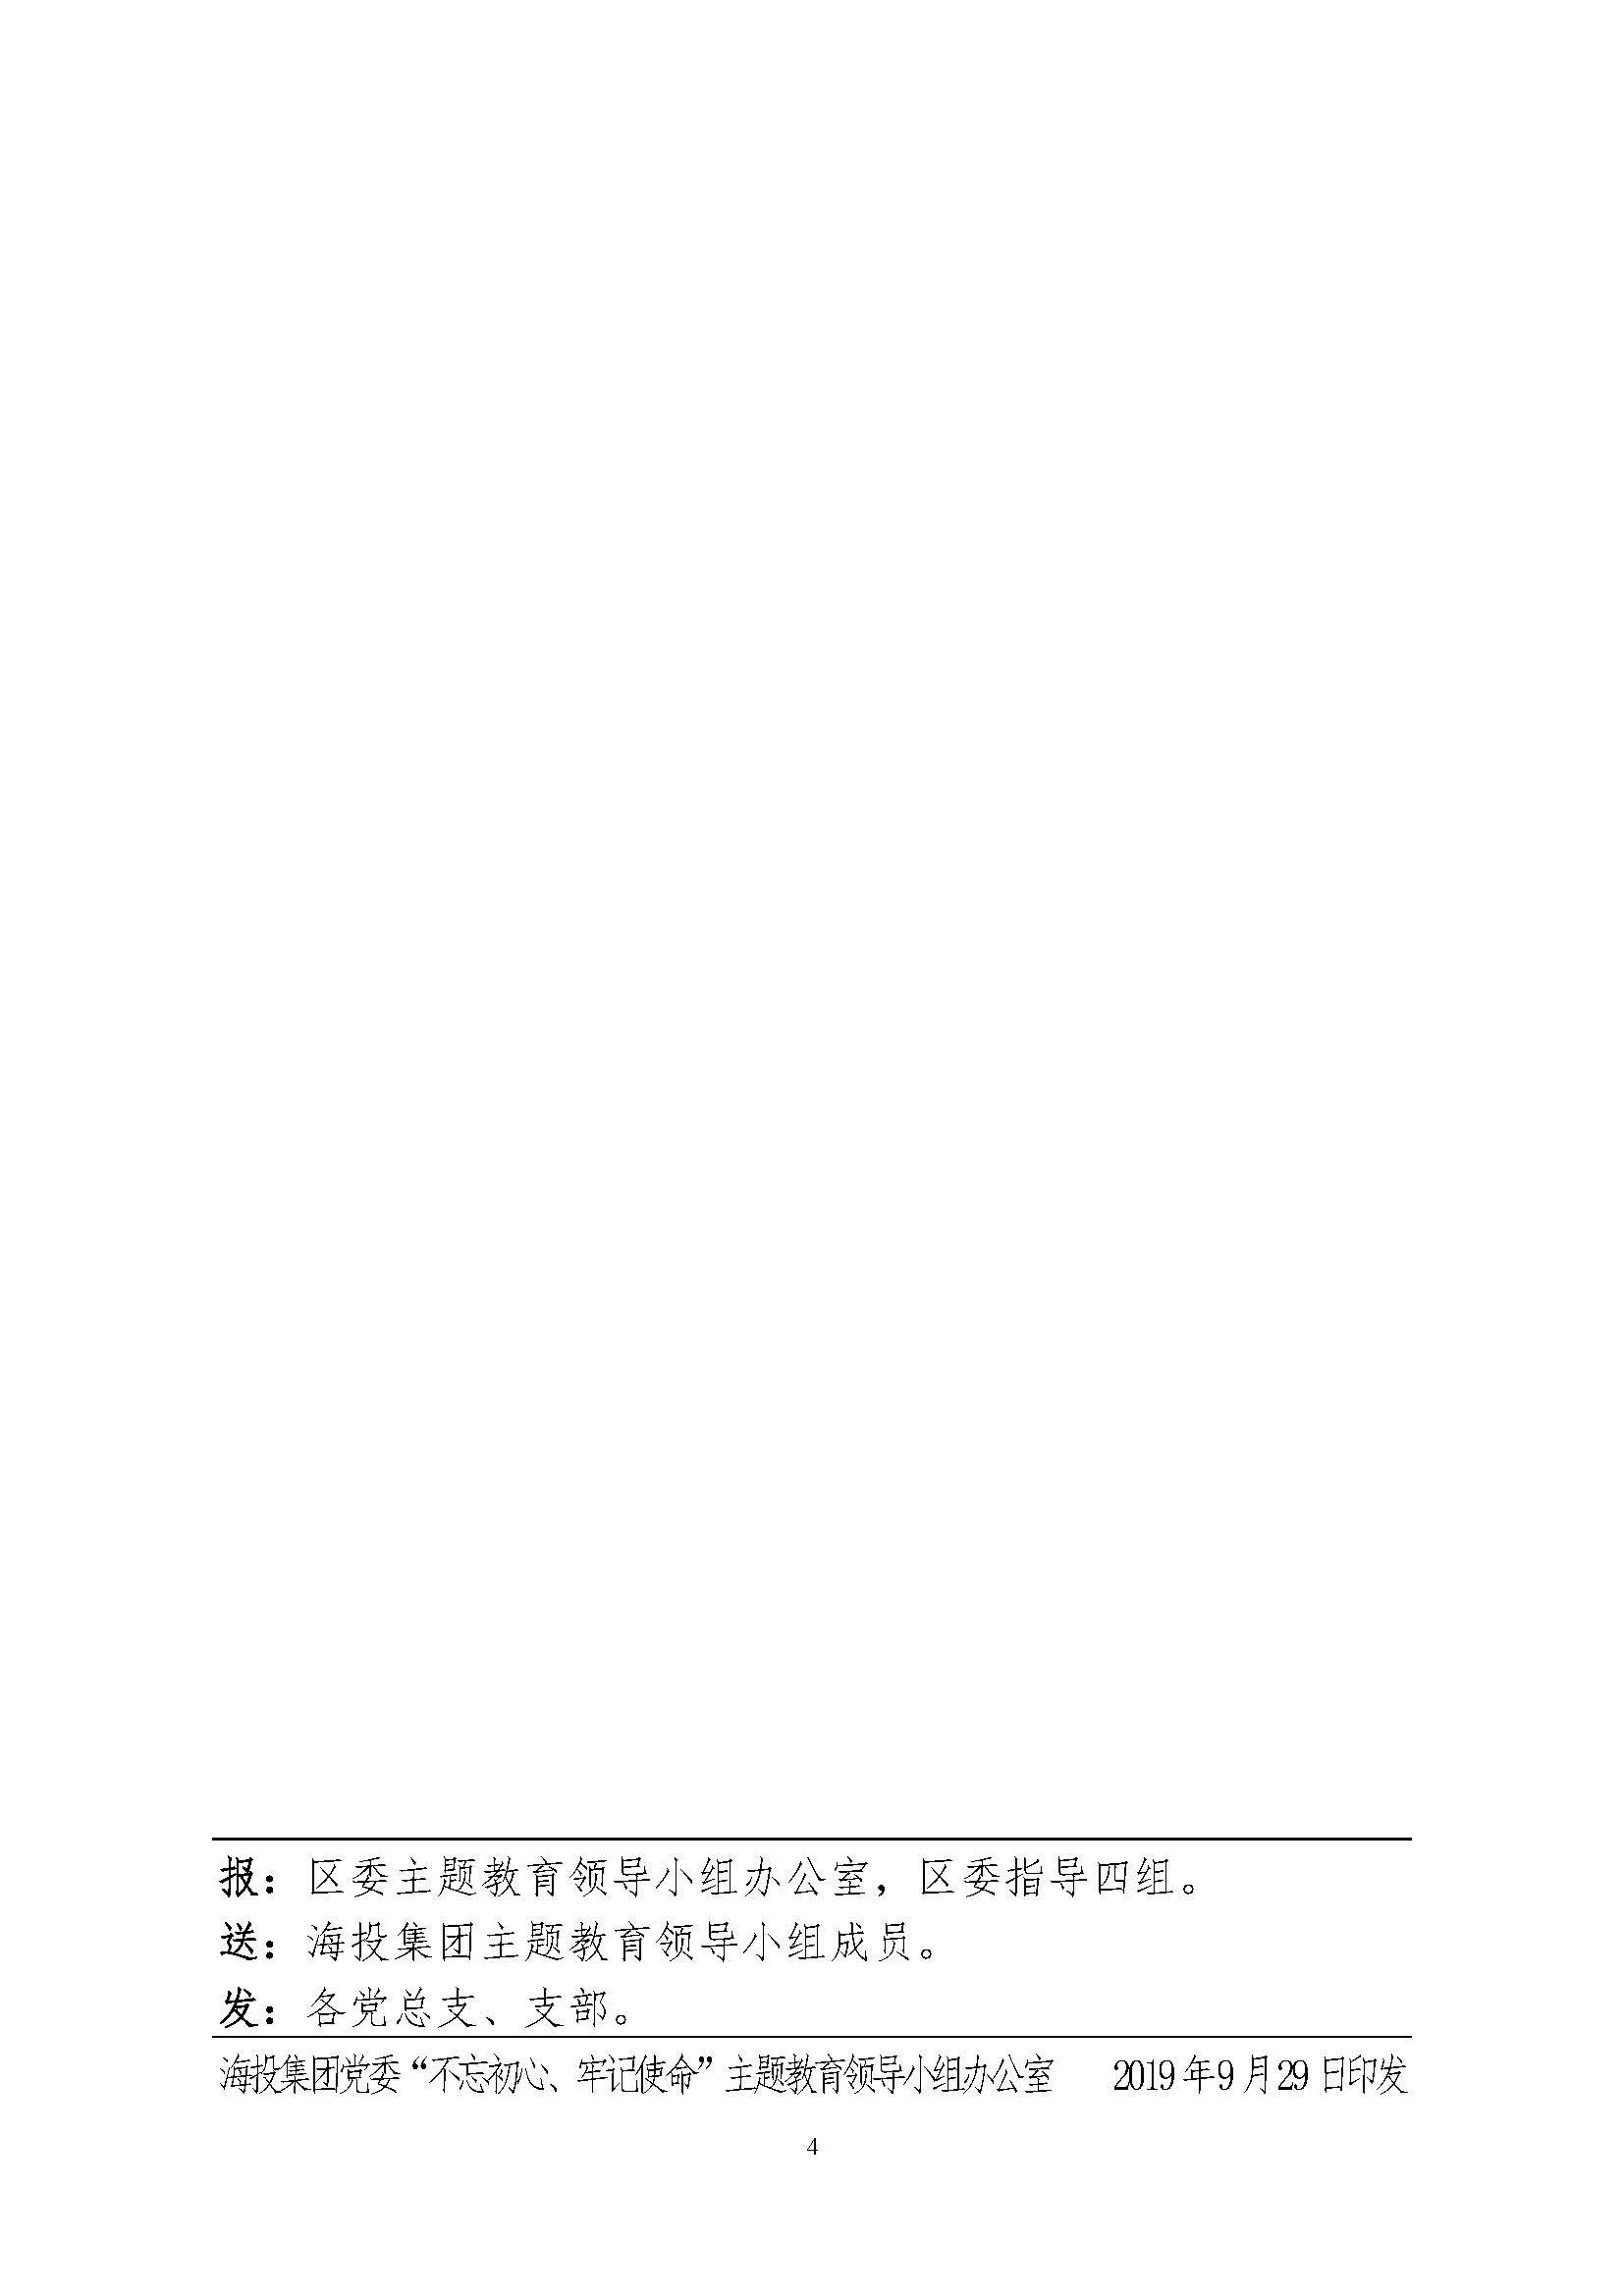 """第3期""""不忘初心、牢记使命""""主题教育工作简报(定稿)_页面_4.jpg"""